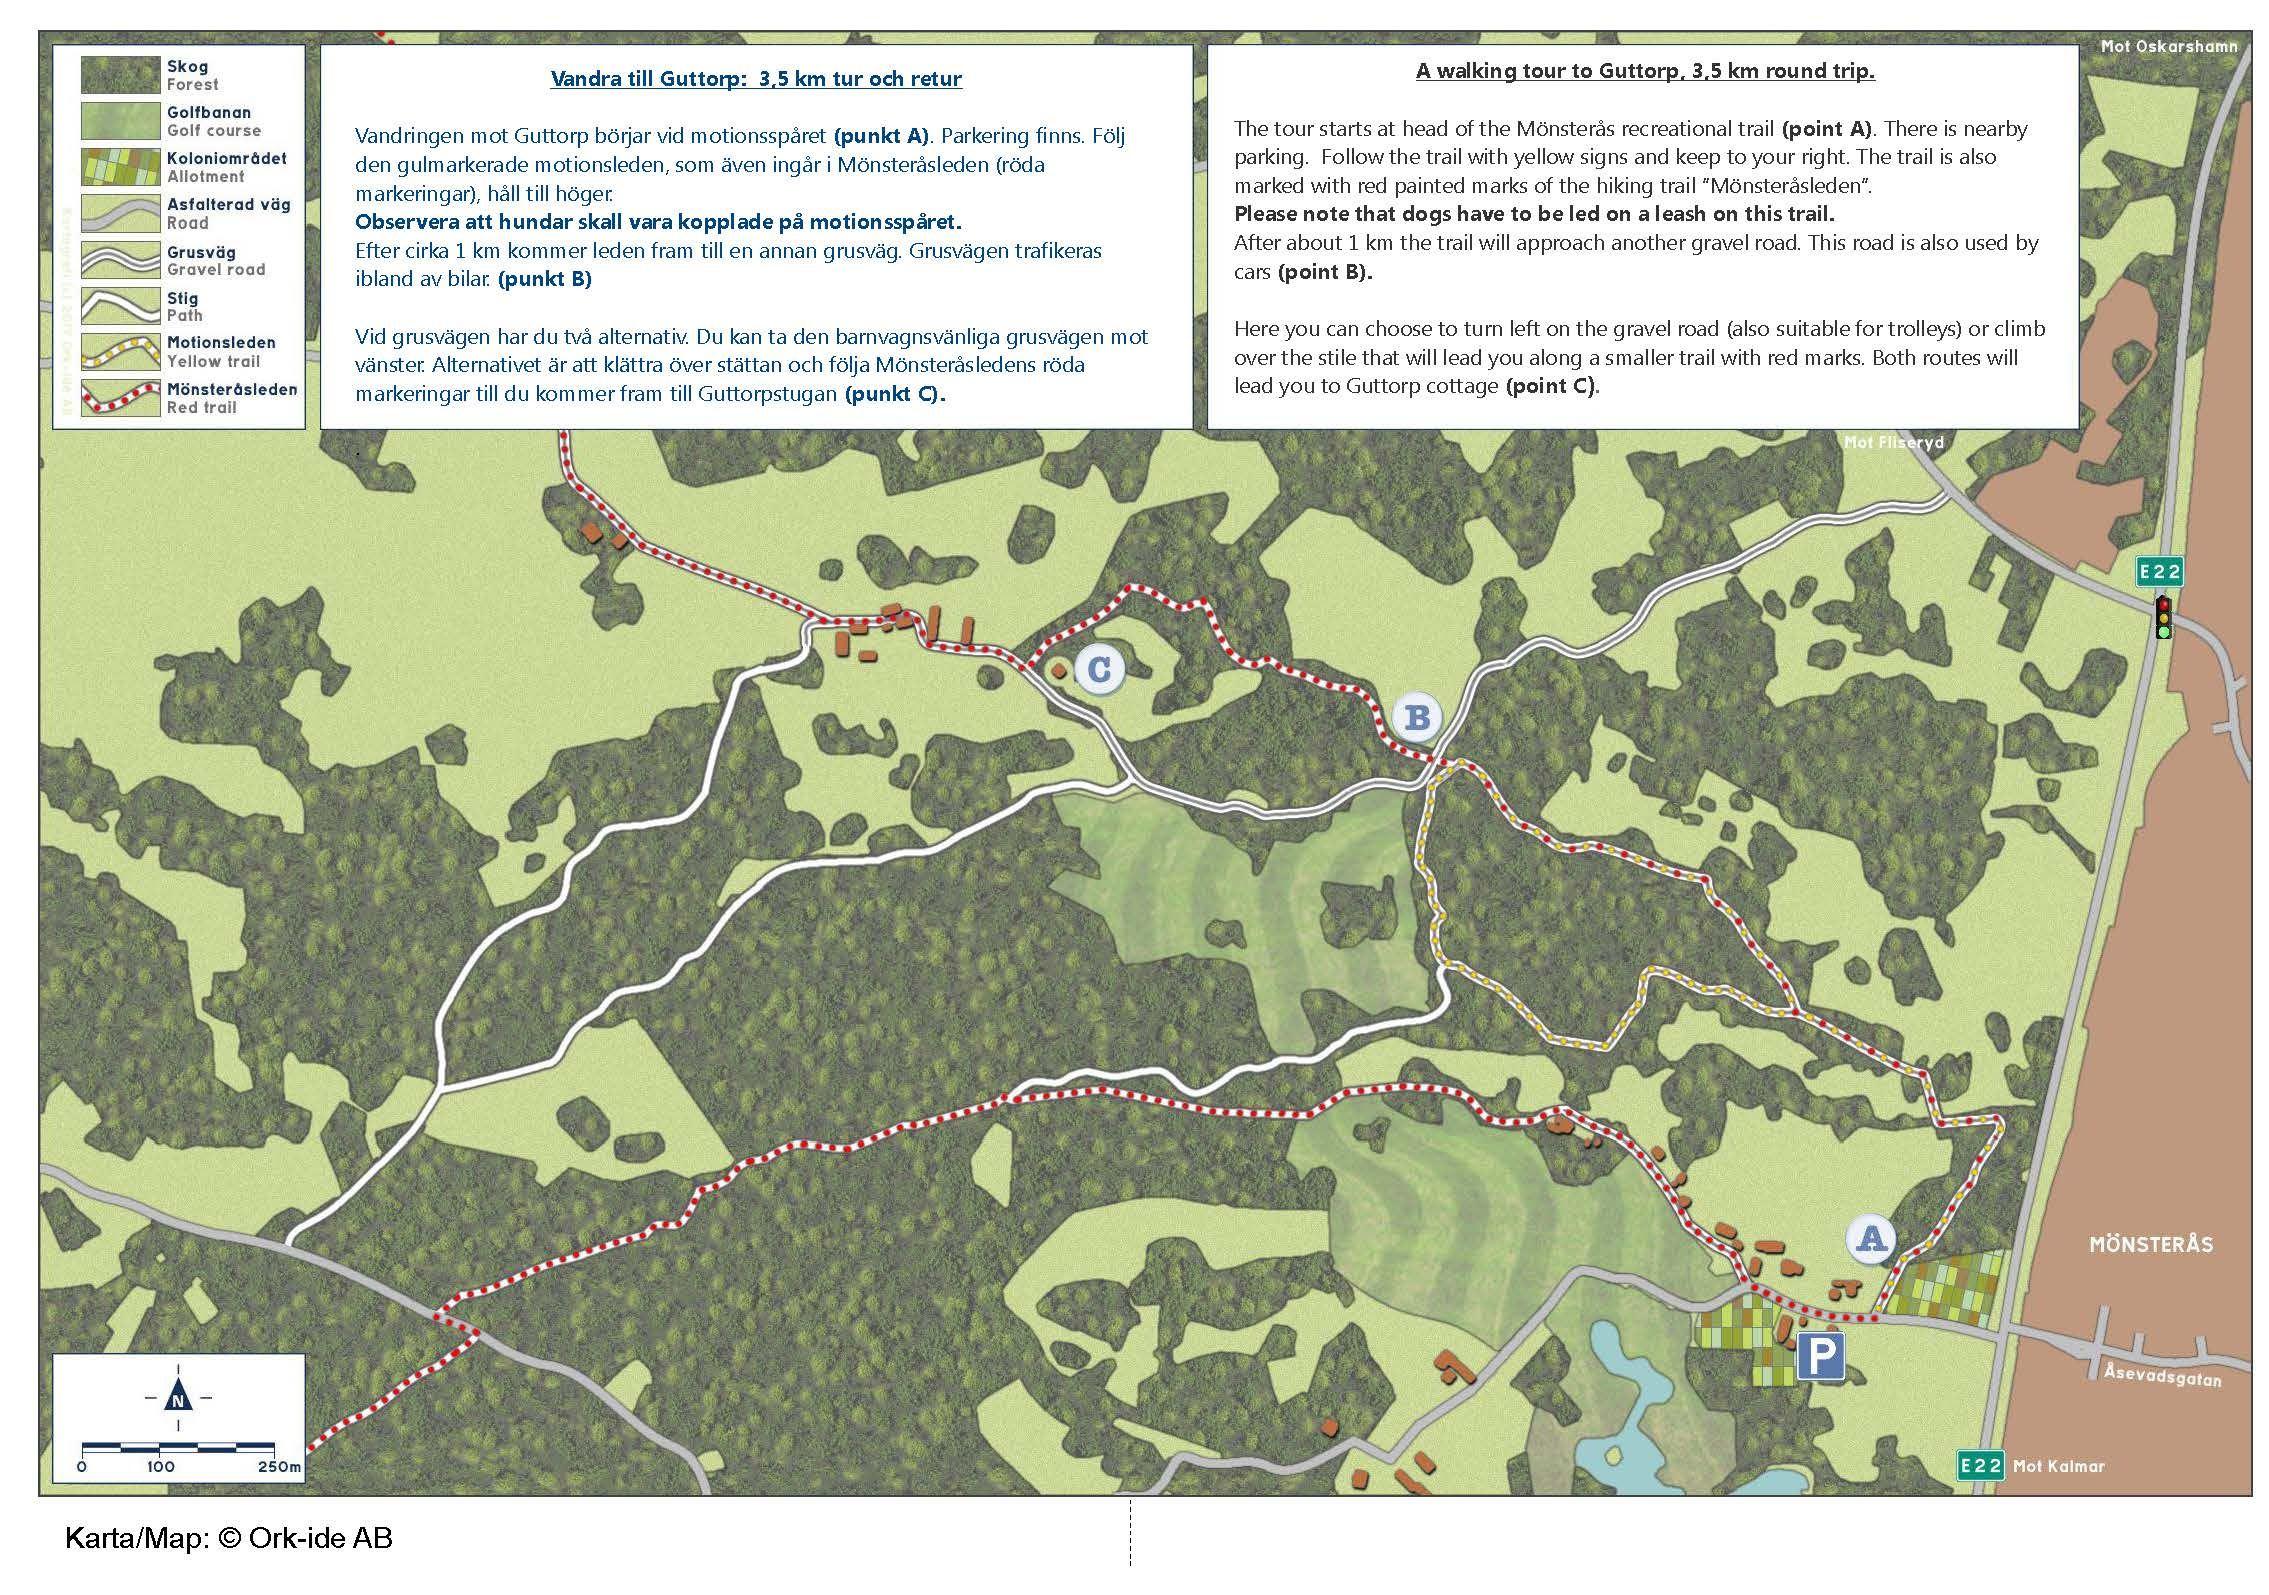 Vandra till Guttorp: 3,5 km tur och retur